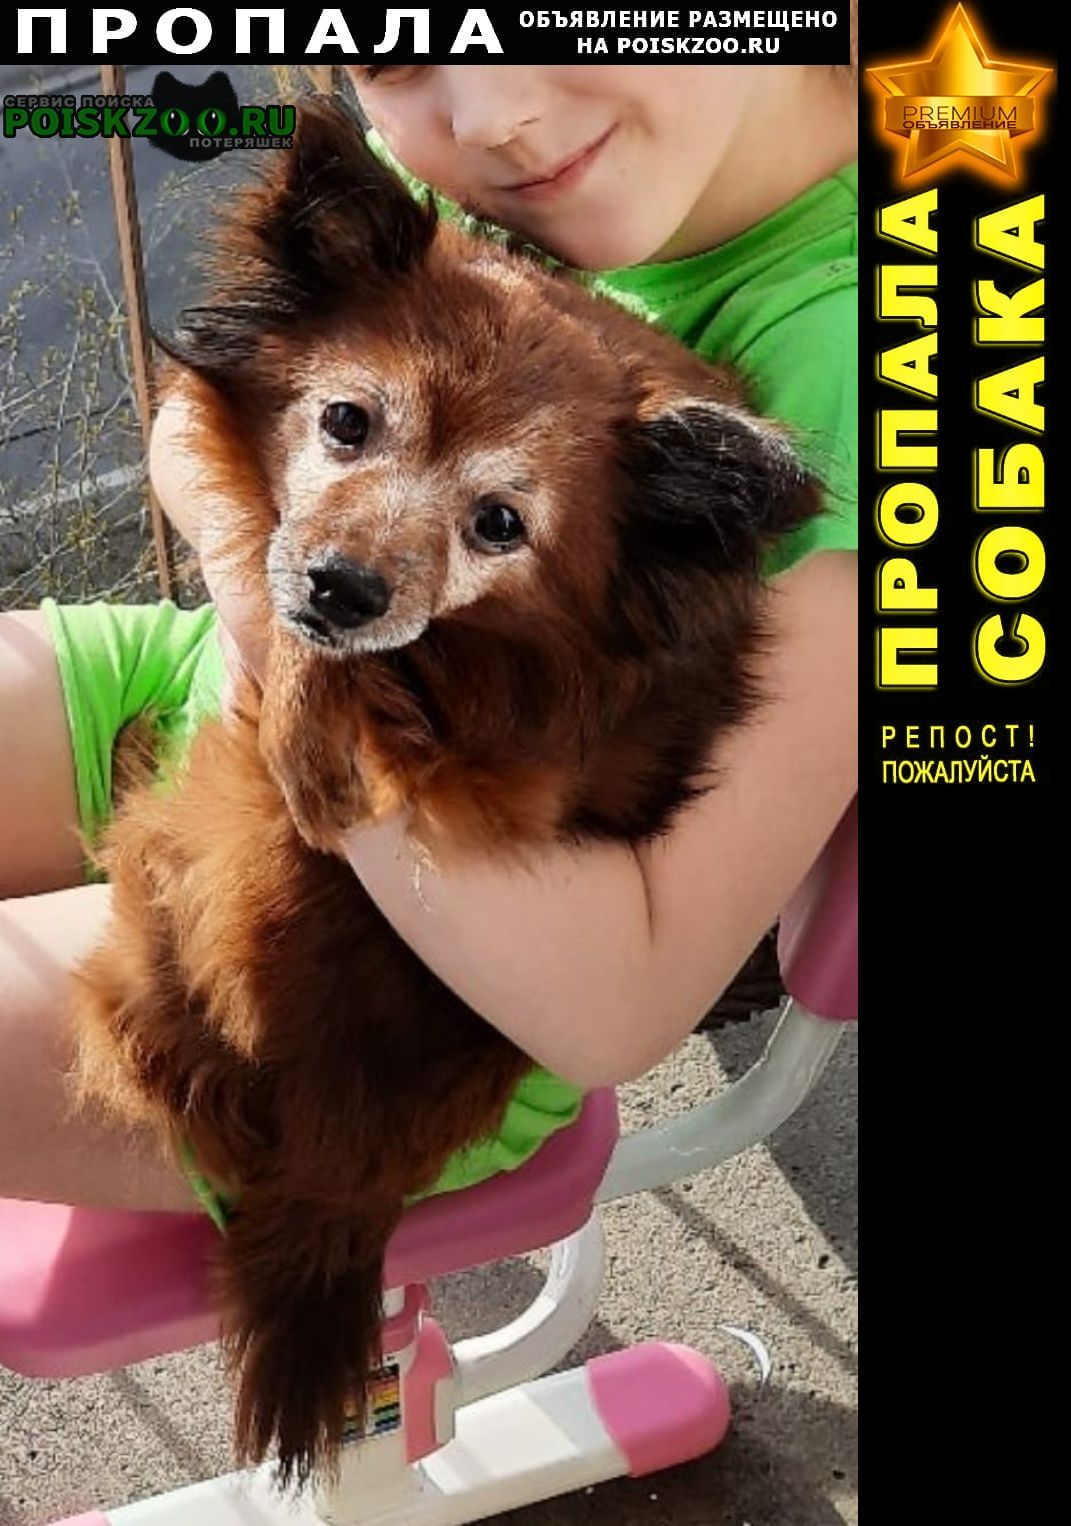 Пропала собака той-терьер рыжего цвета Санкт-Петербург